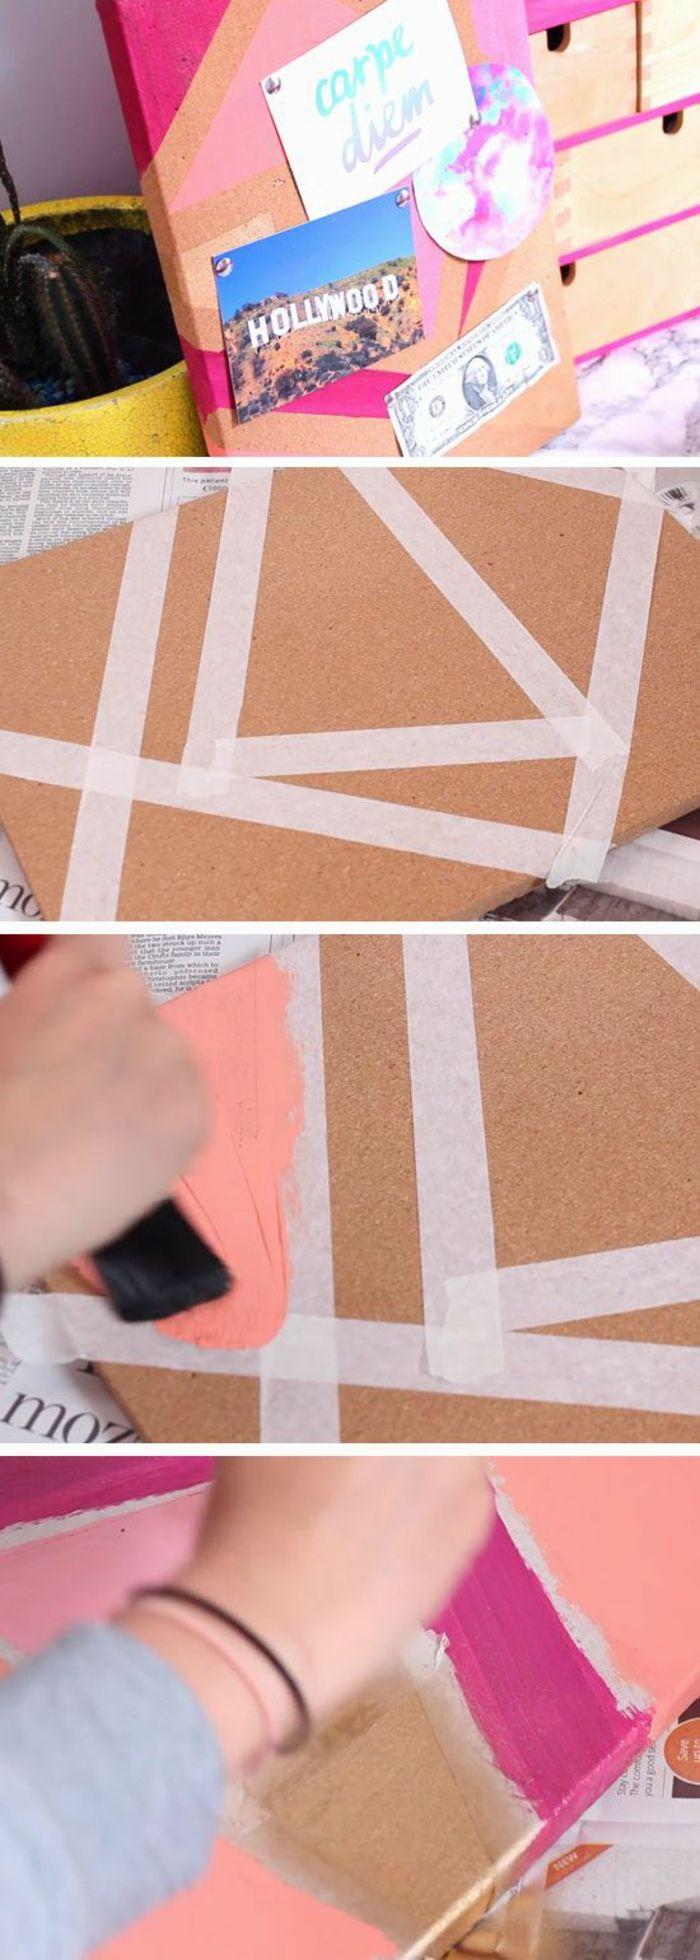 ▷ 1001 Ideen, wie Sie eine Pinnwand selber machen #collageboard